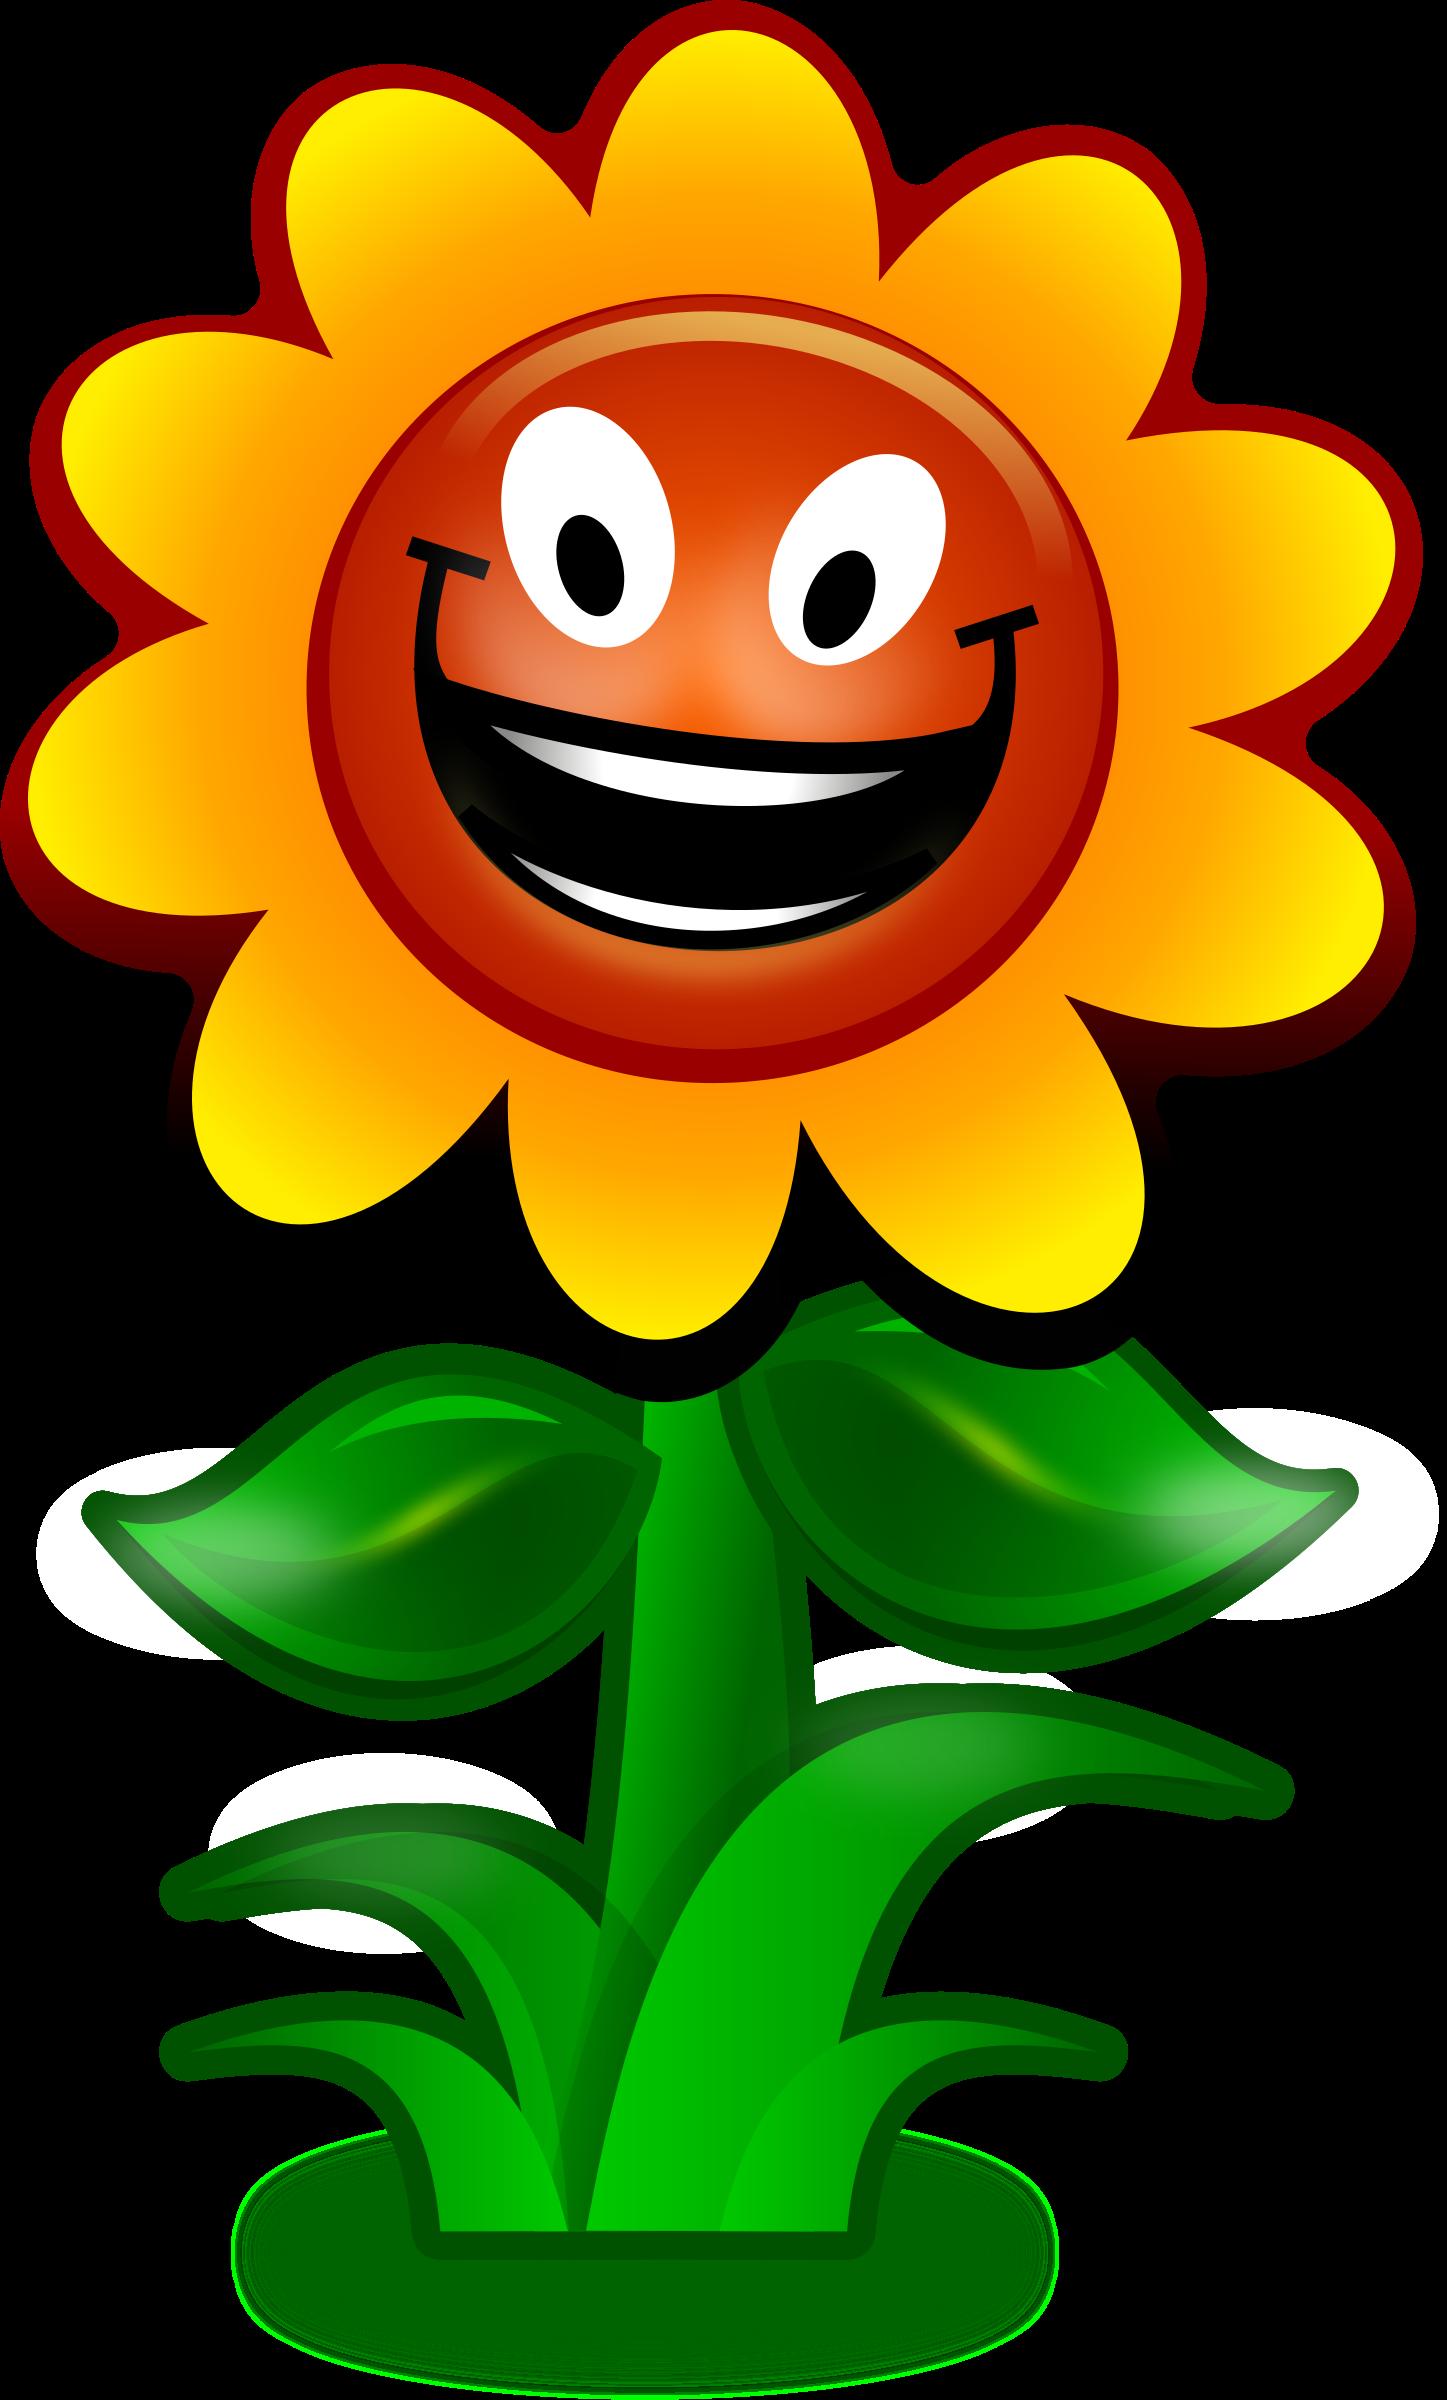 Smiley face clip art flower, Smiley face clip art flower.